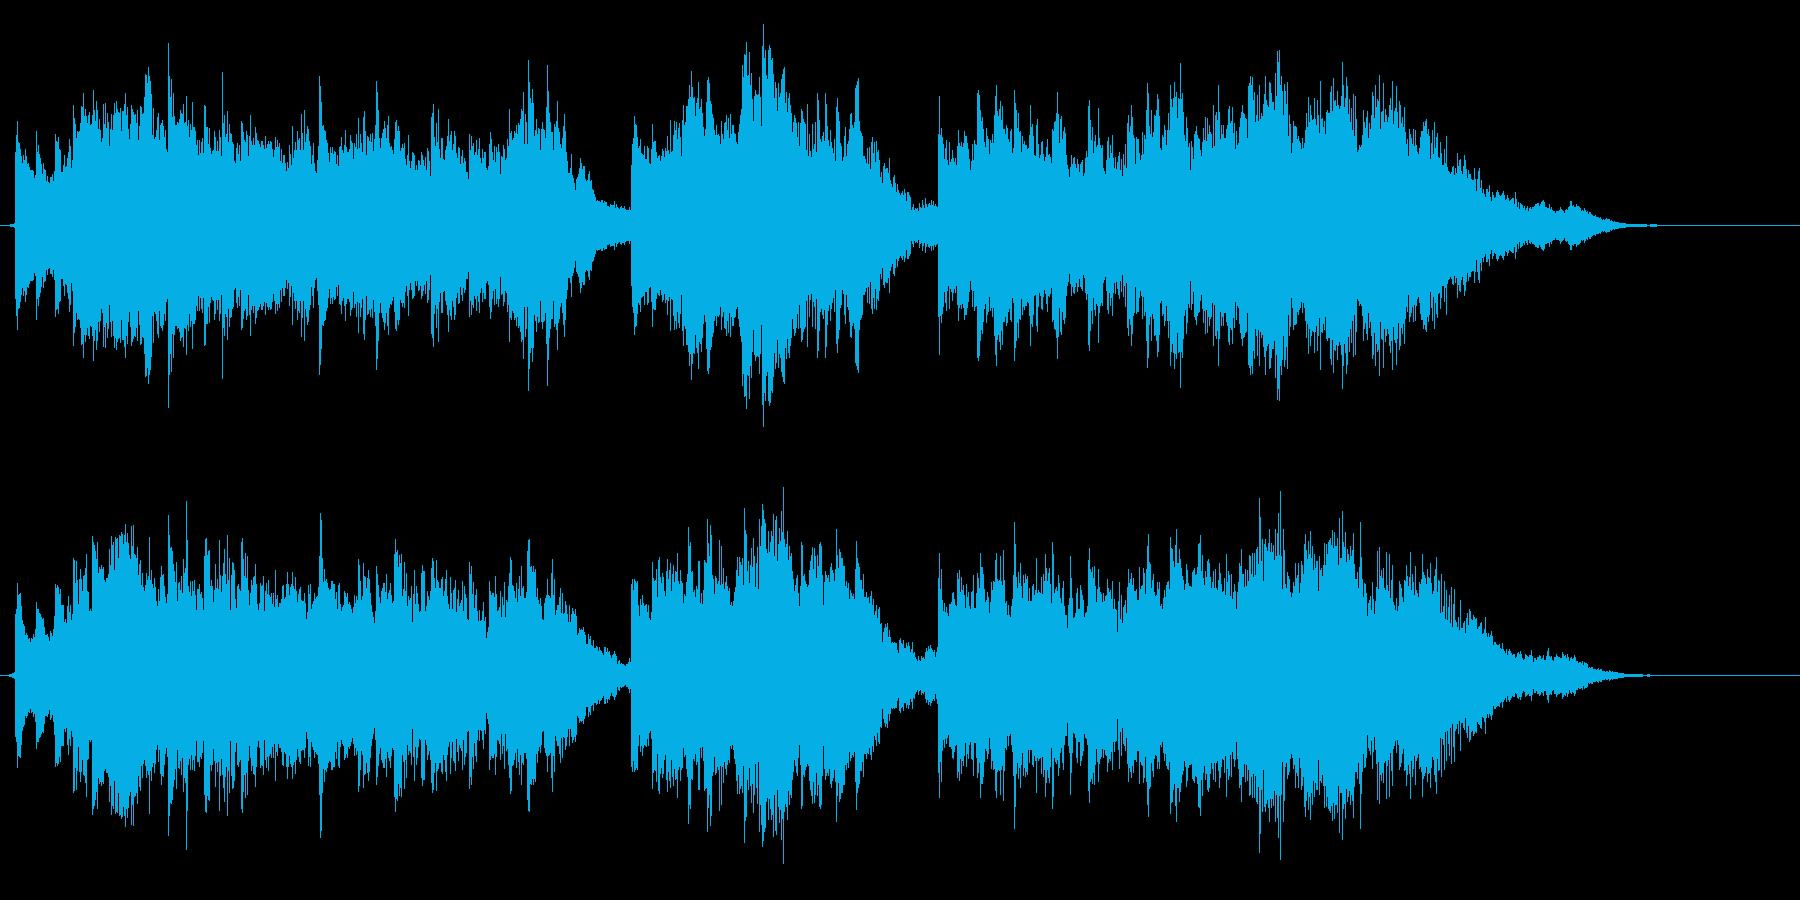 【オルゴール】幻想的なクリスマスソングの再生済みの波形